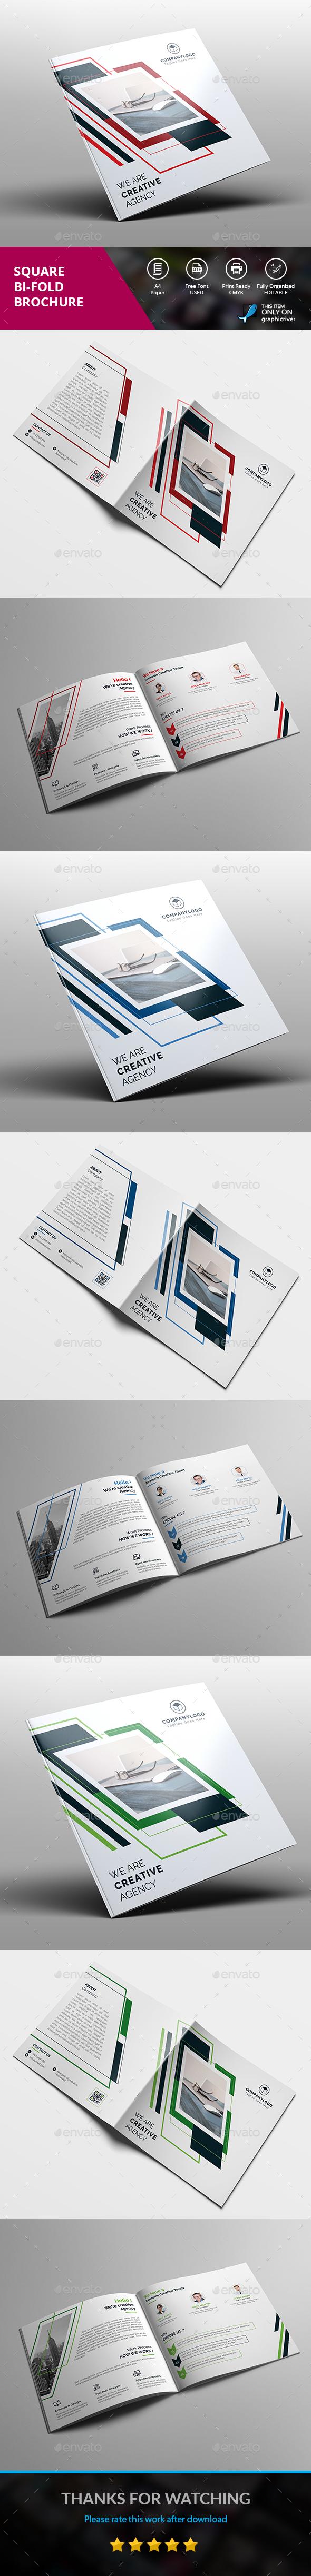 Square Brochure - Brochures Print Templates